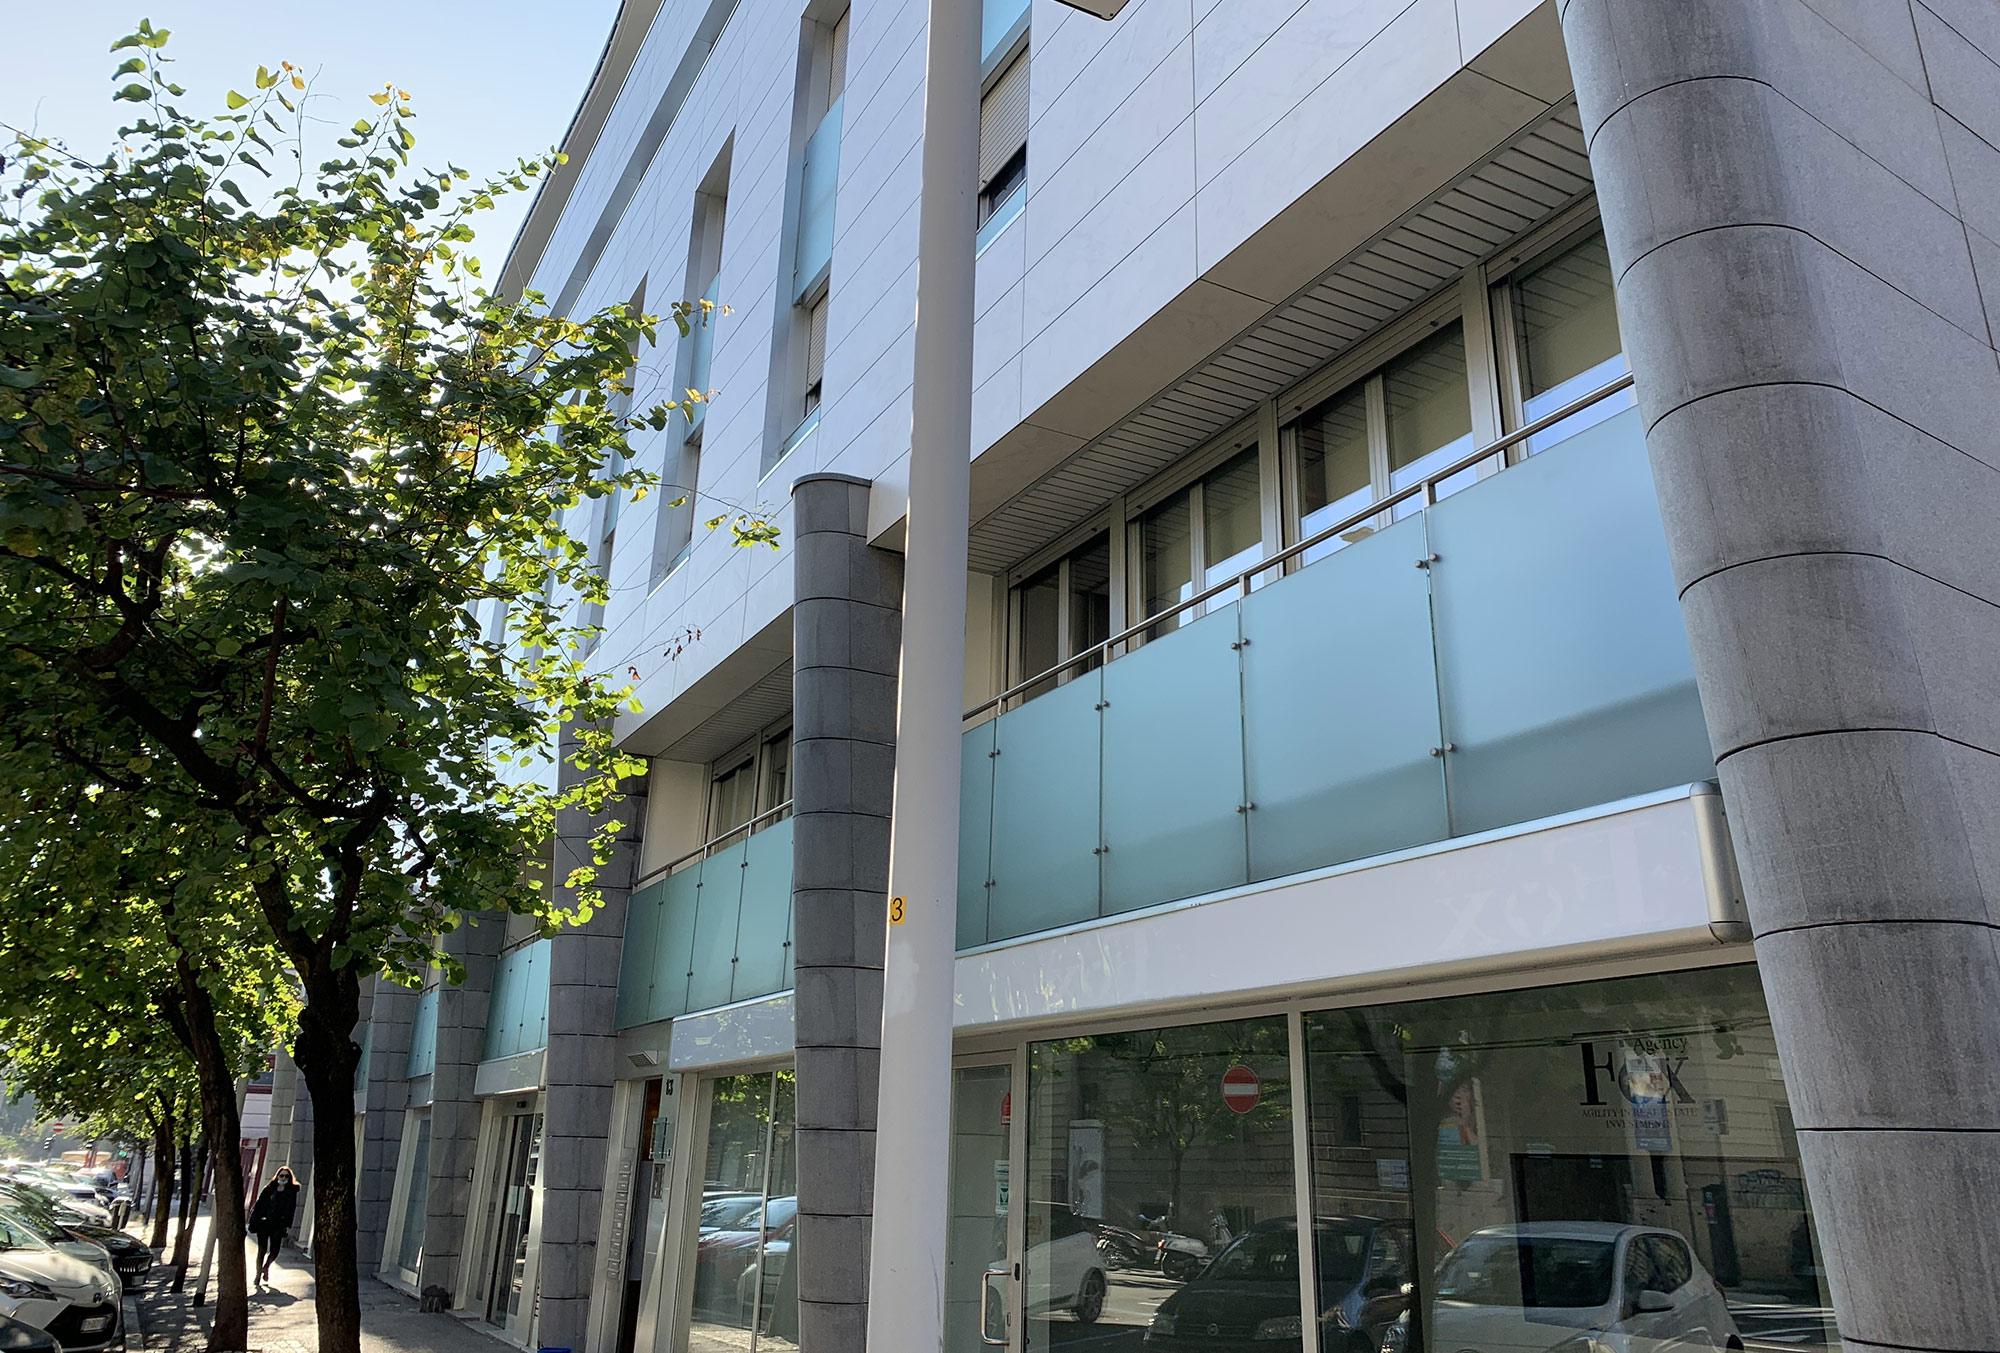 Condominio in Via Paglia a Bergamo, riqualificazione energetica.